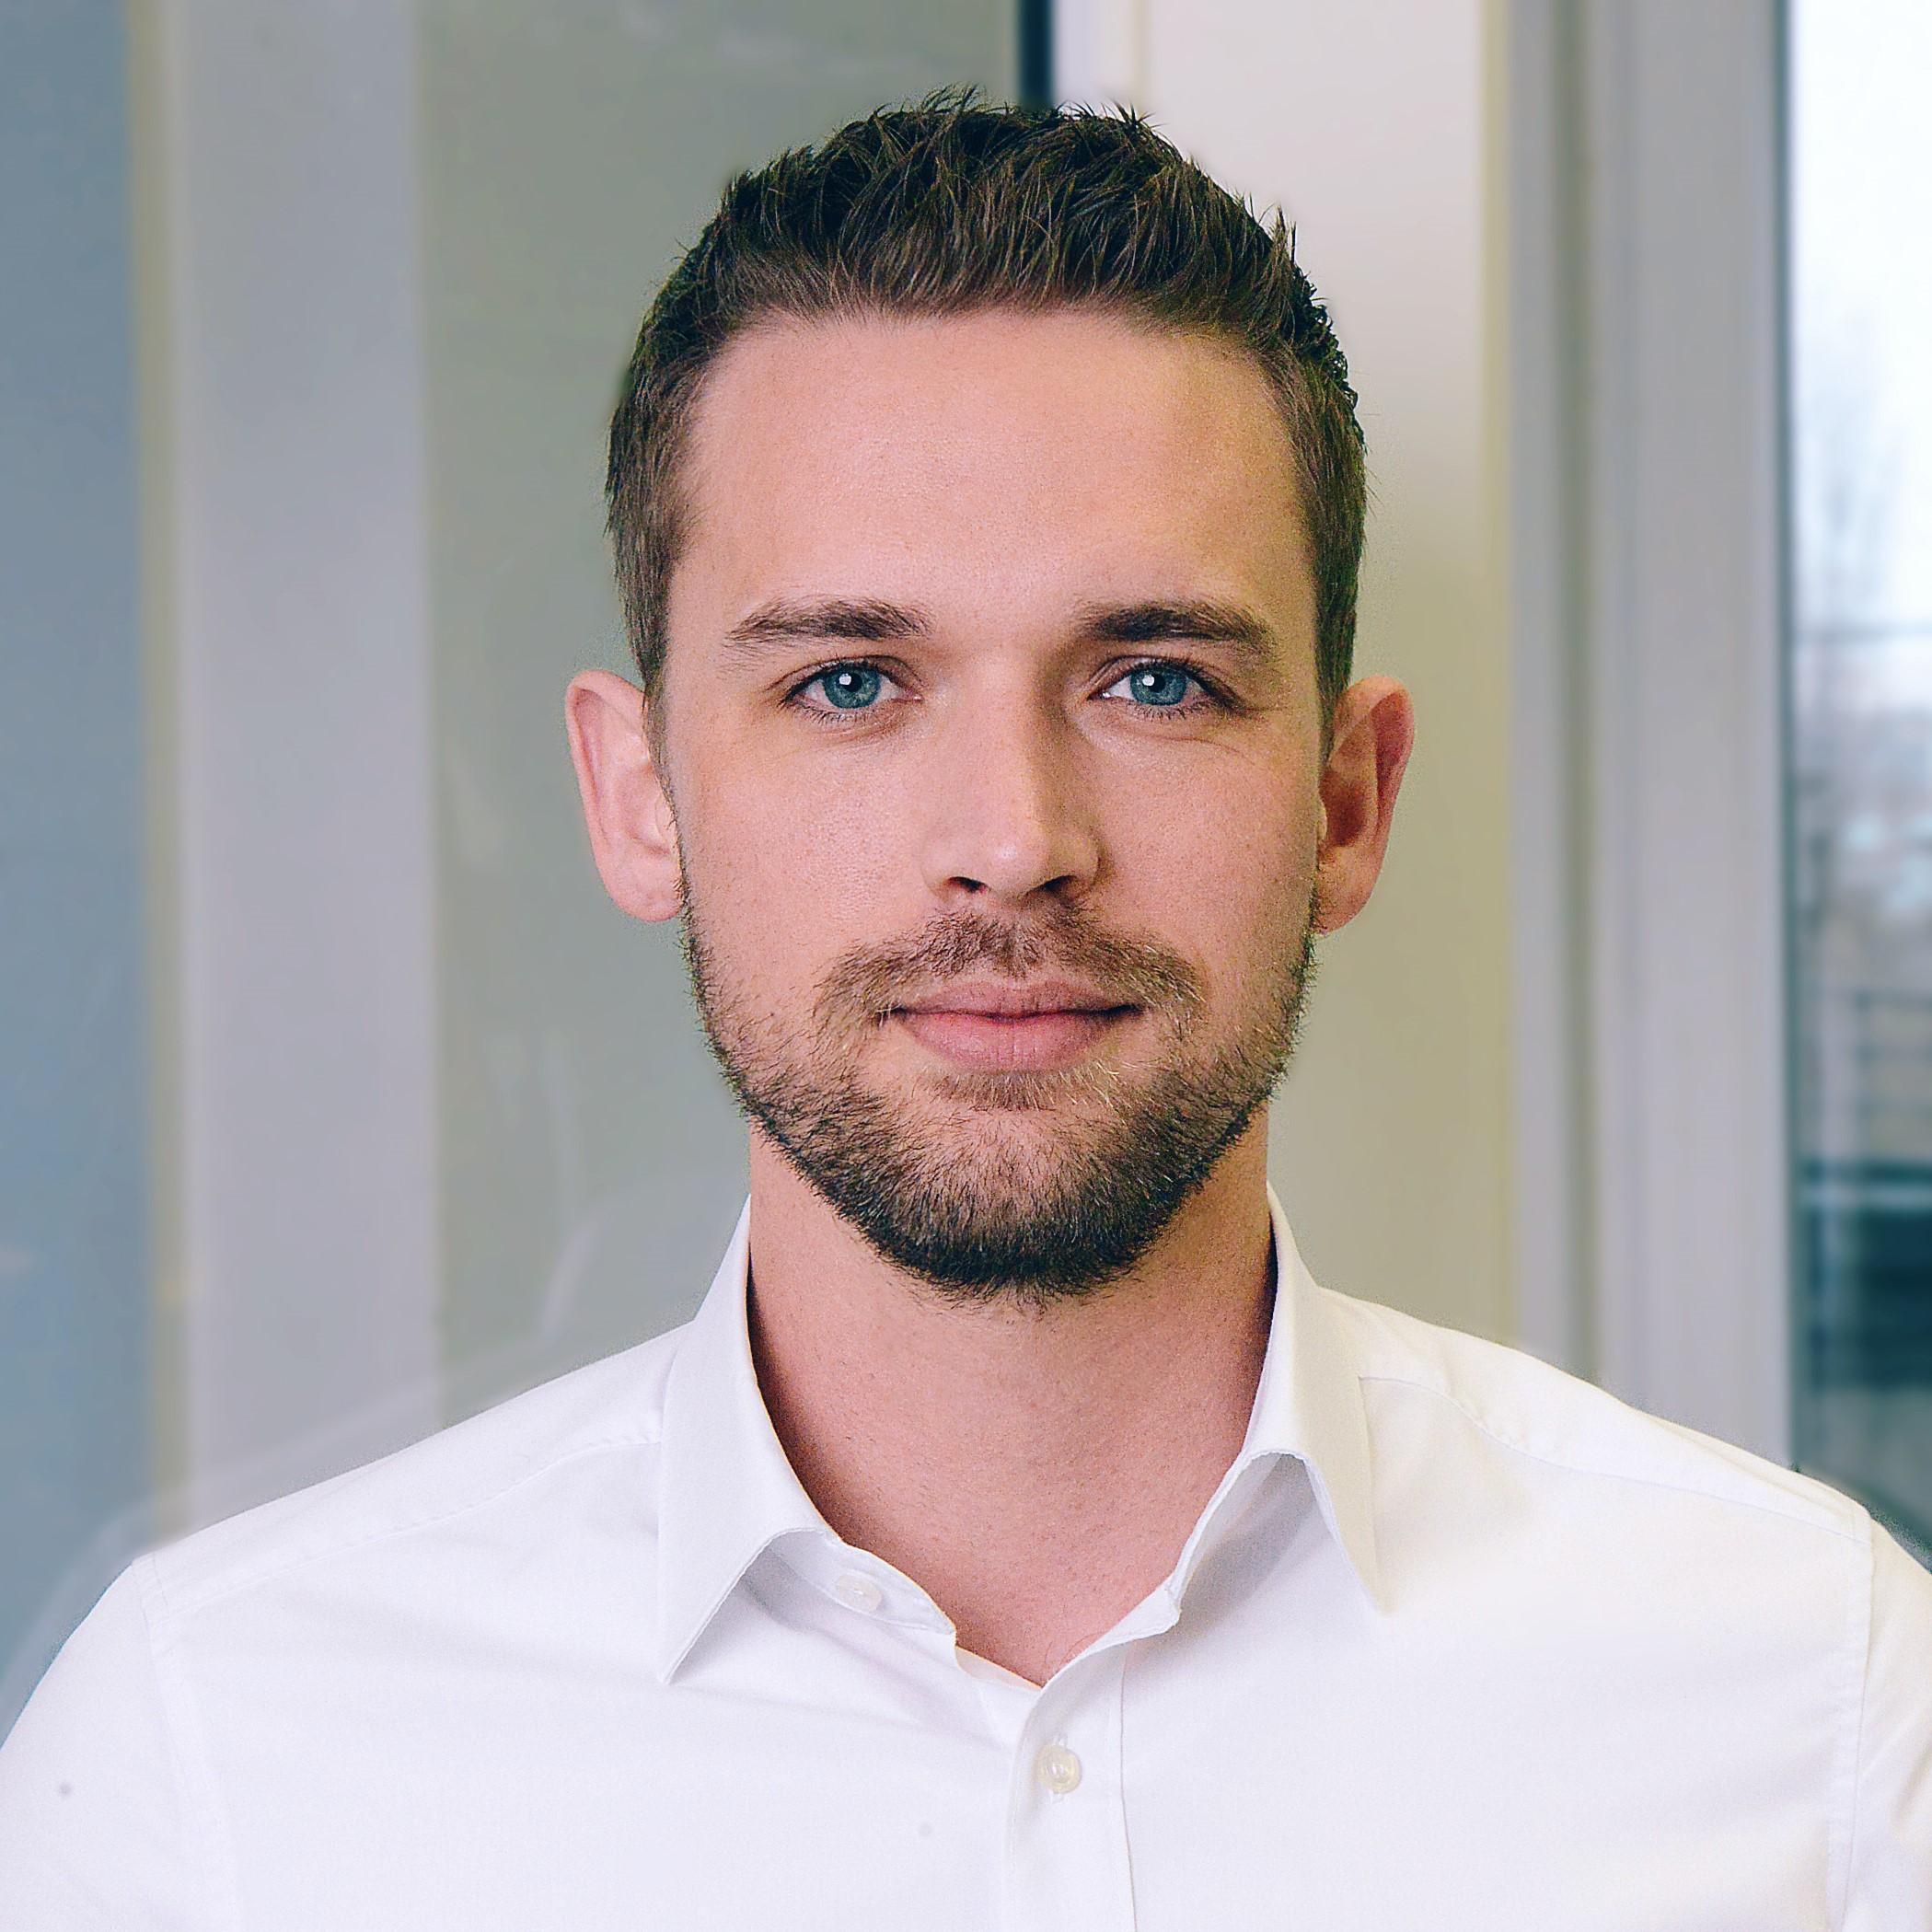 Heute ist Michél leidenschaftlicher Unternehmer und Visionär. Seit mehr als 10 Jahren beschäftigt er sich mit der Entwicklung von Geschäftsmodellen. Vor 5 Jahren hat er dabei den Fokus auf die Bauwirtschaft in Deutschland gelegt und gründete 2017 das Berliner Tech-Start-Up ROOBEO GmbH.